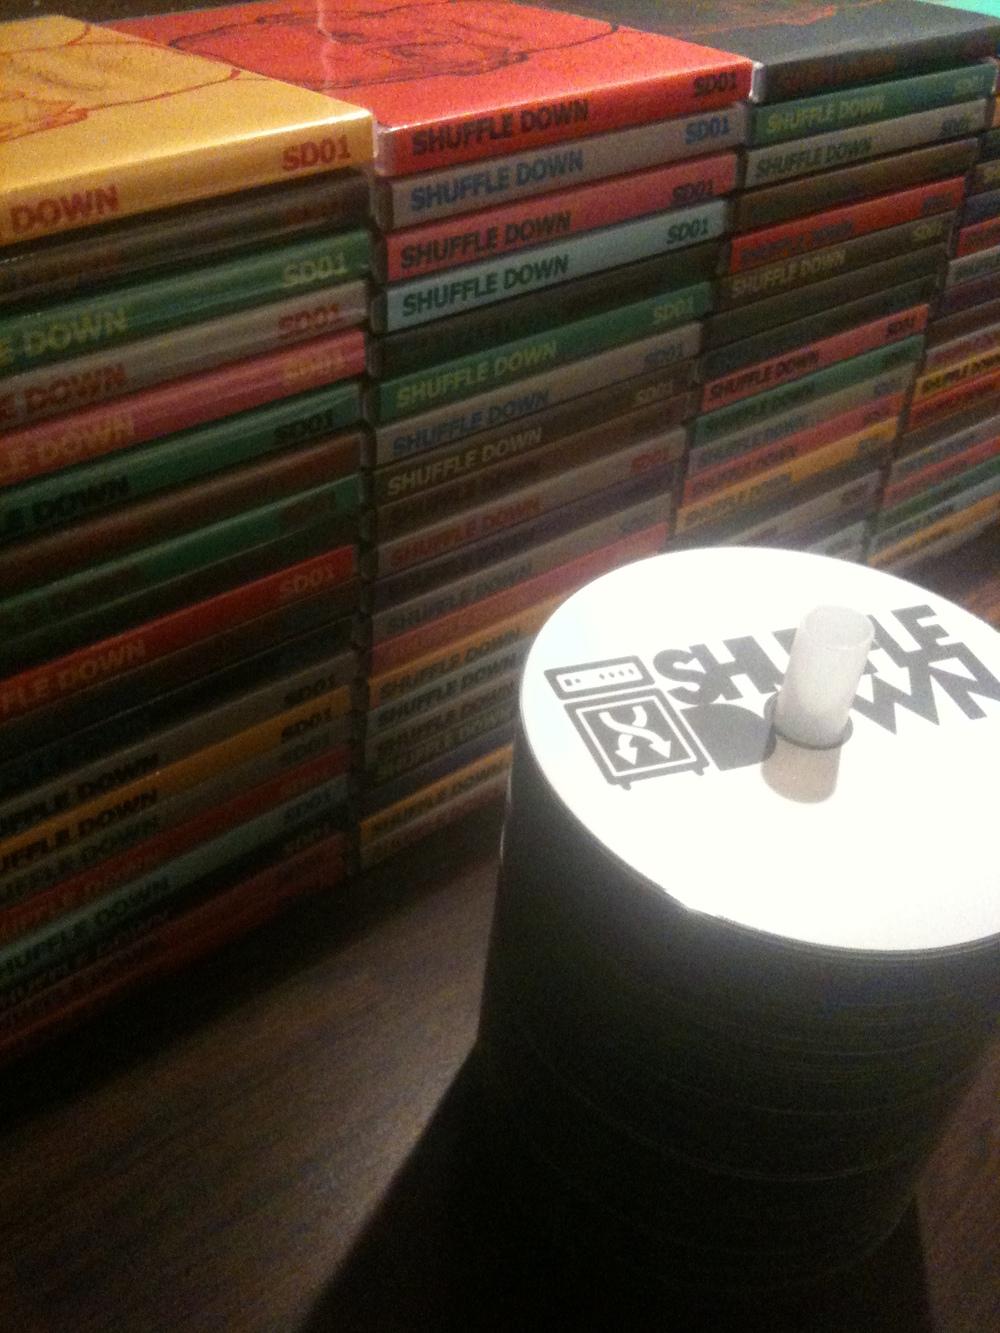 SD01 Shuffle Down CD